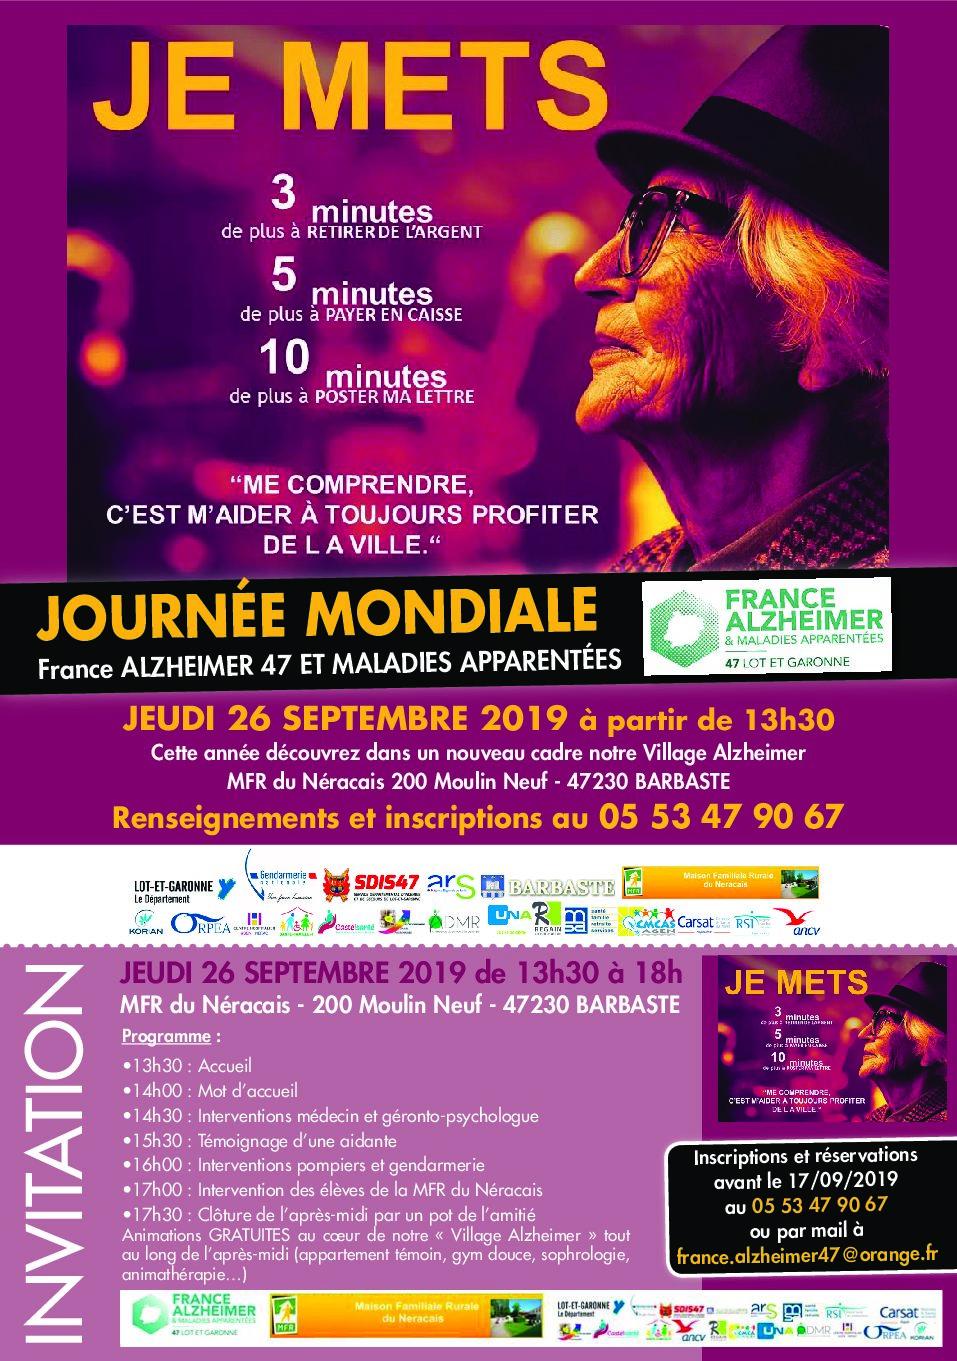 Journée Mondiale 2019 France Alzheimer 47